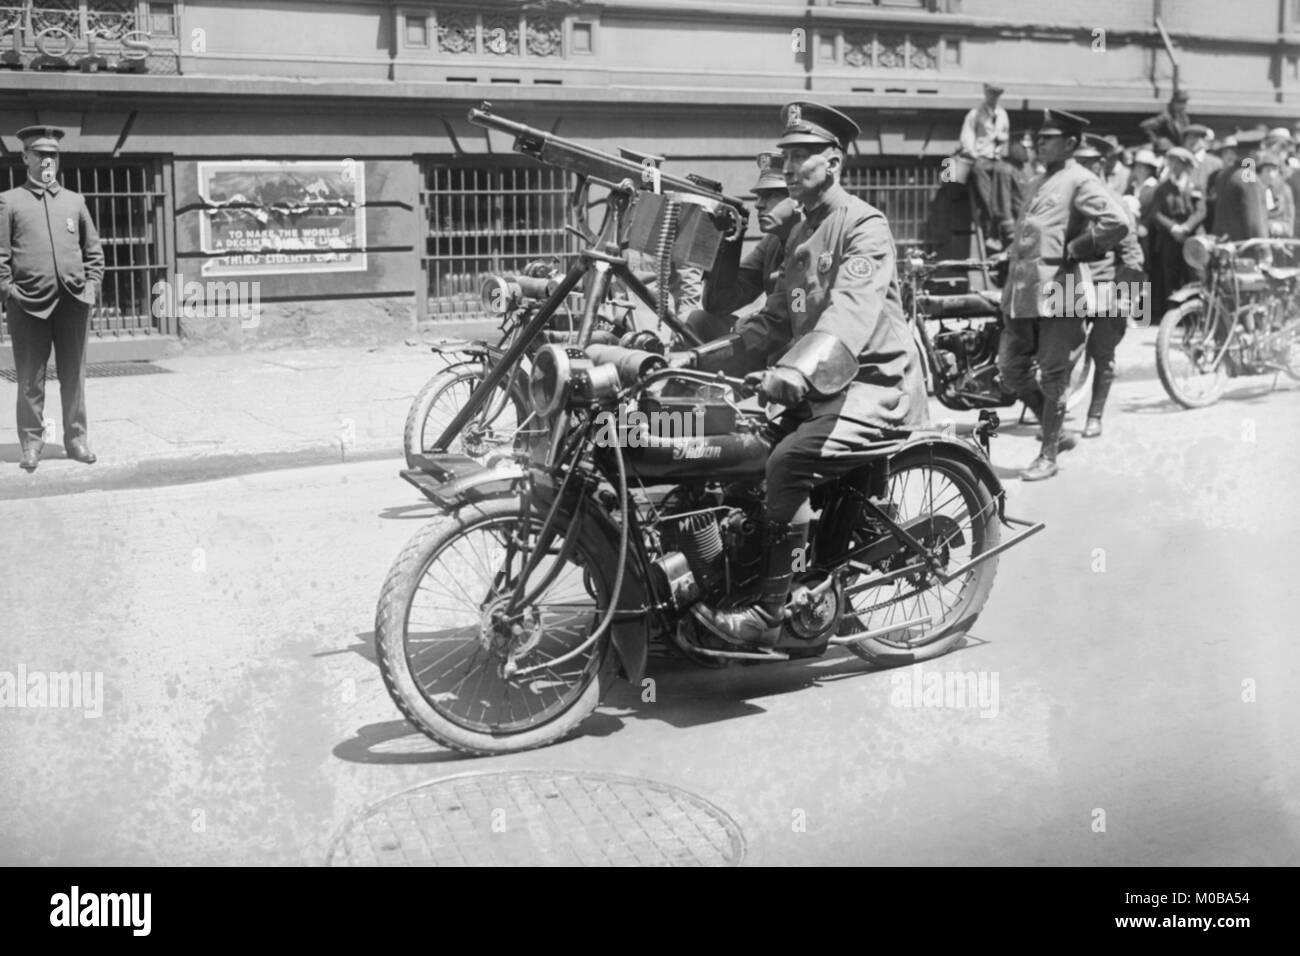 Polizia moto Mobile mitragliatrice Immagini Stock